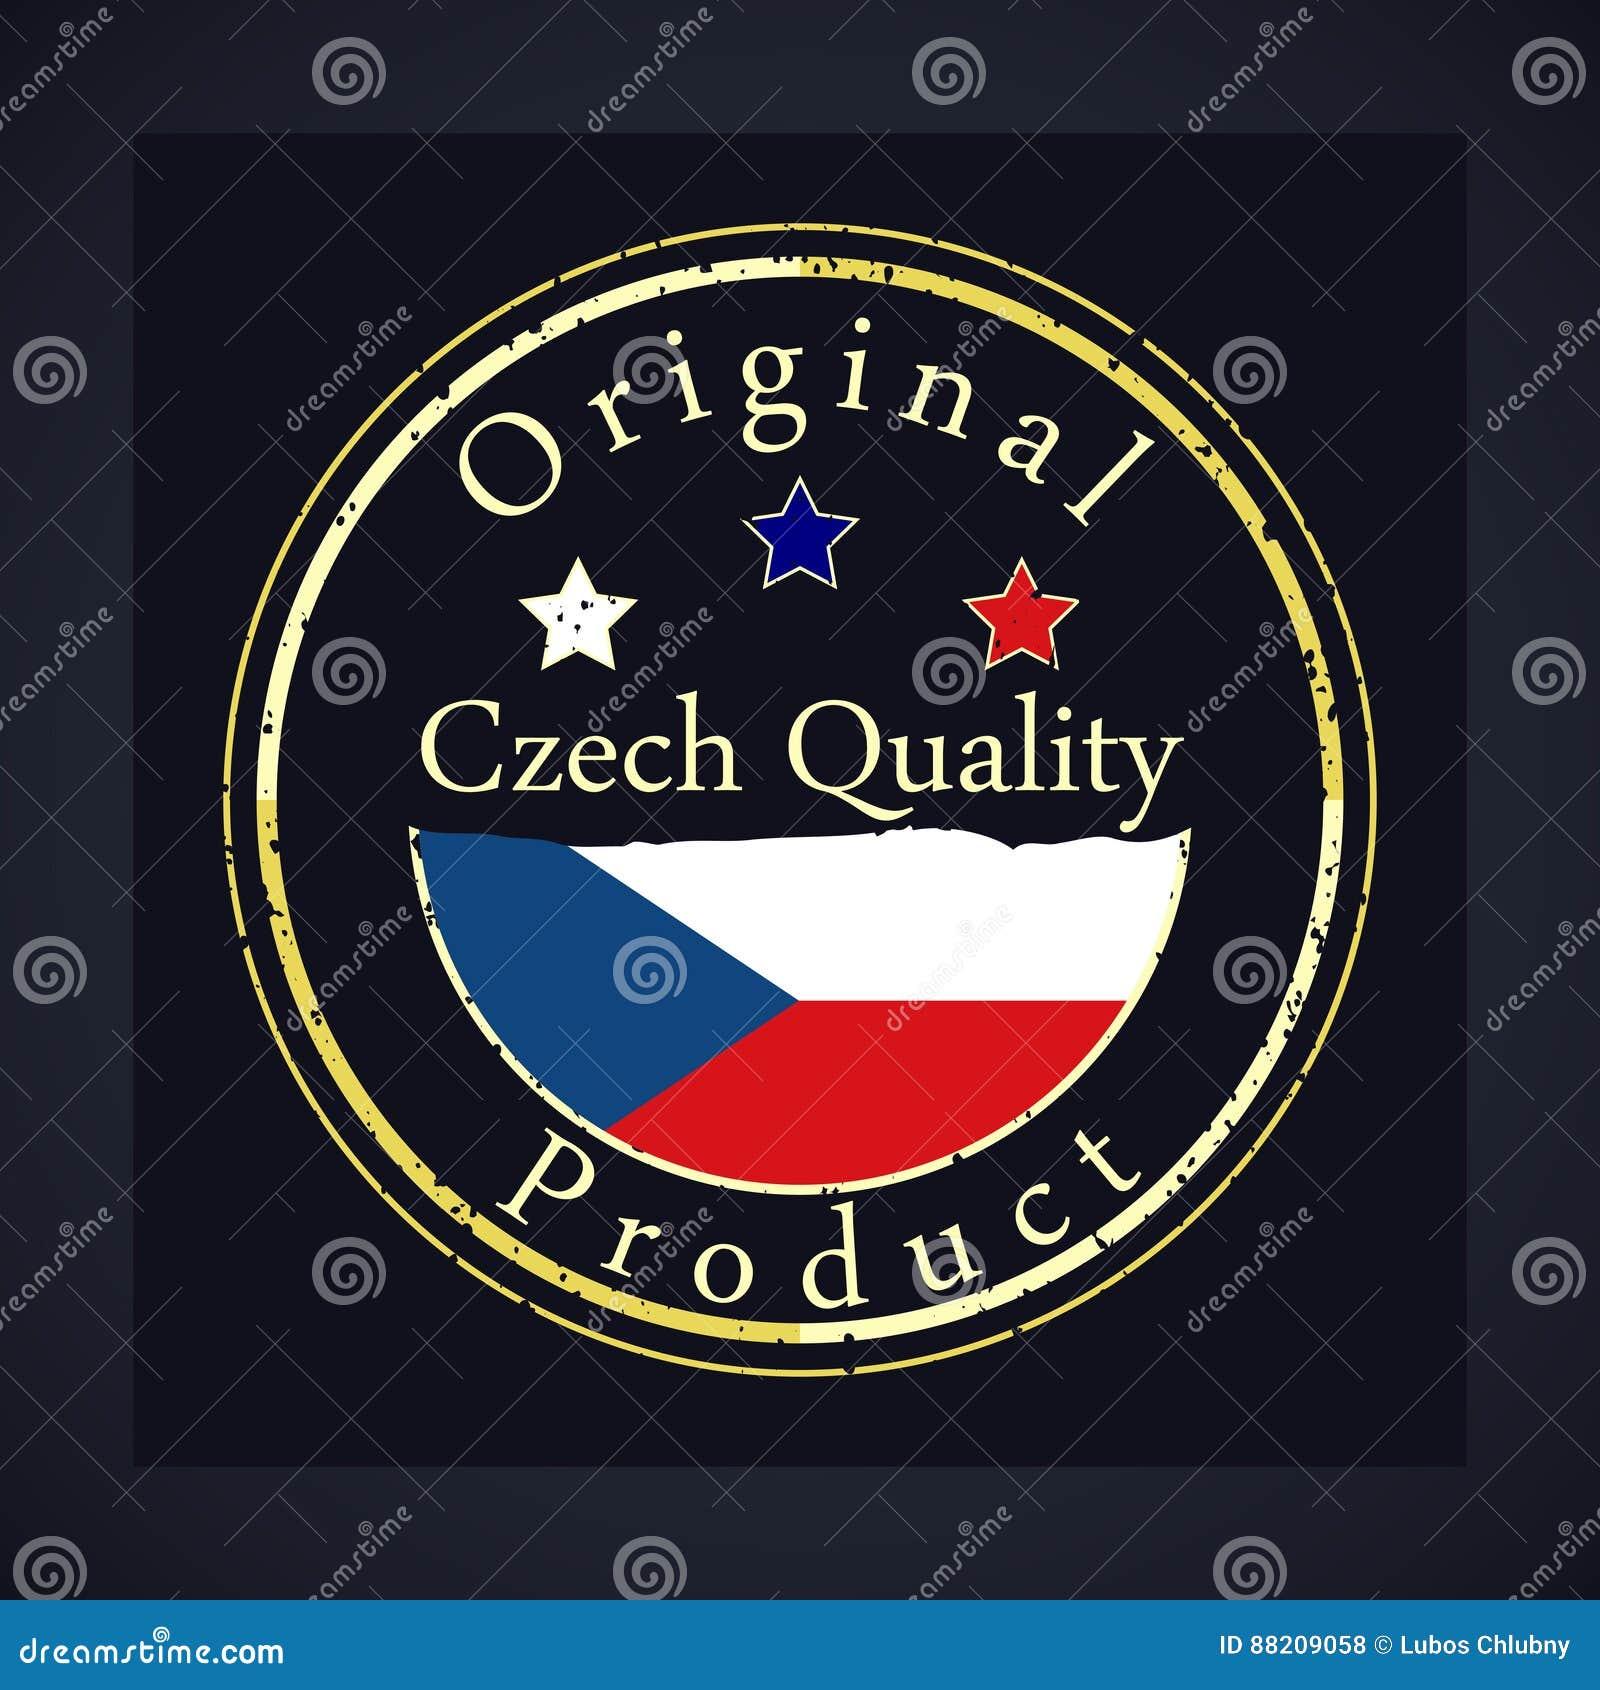 Selo do grunge do ouro com a qualidade checa do texto e o produto original